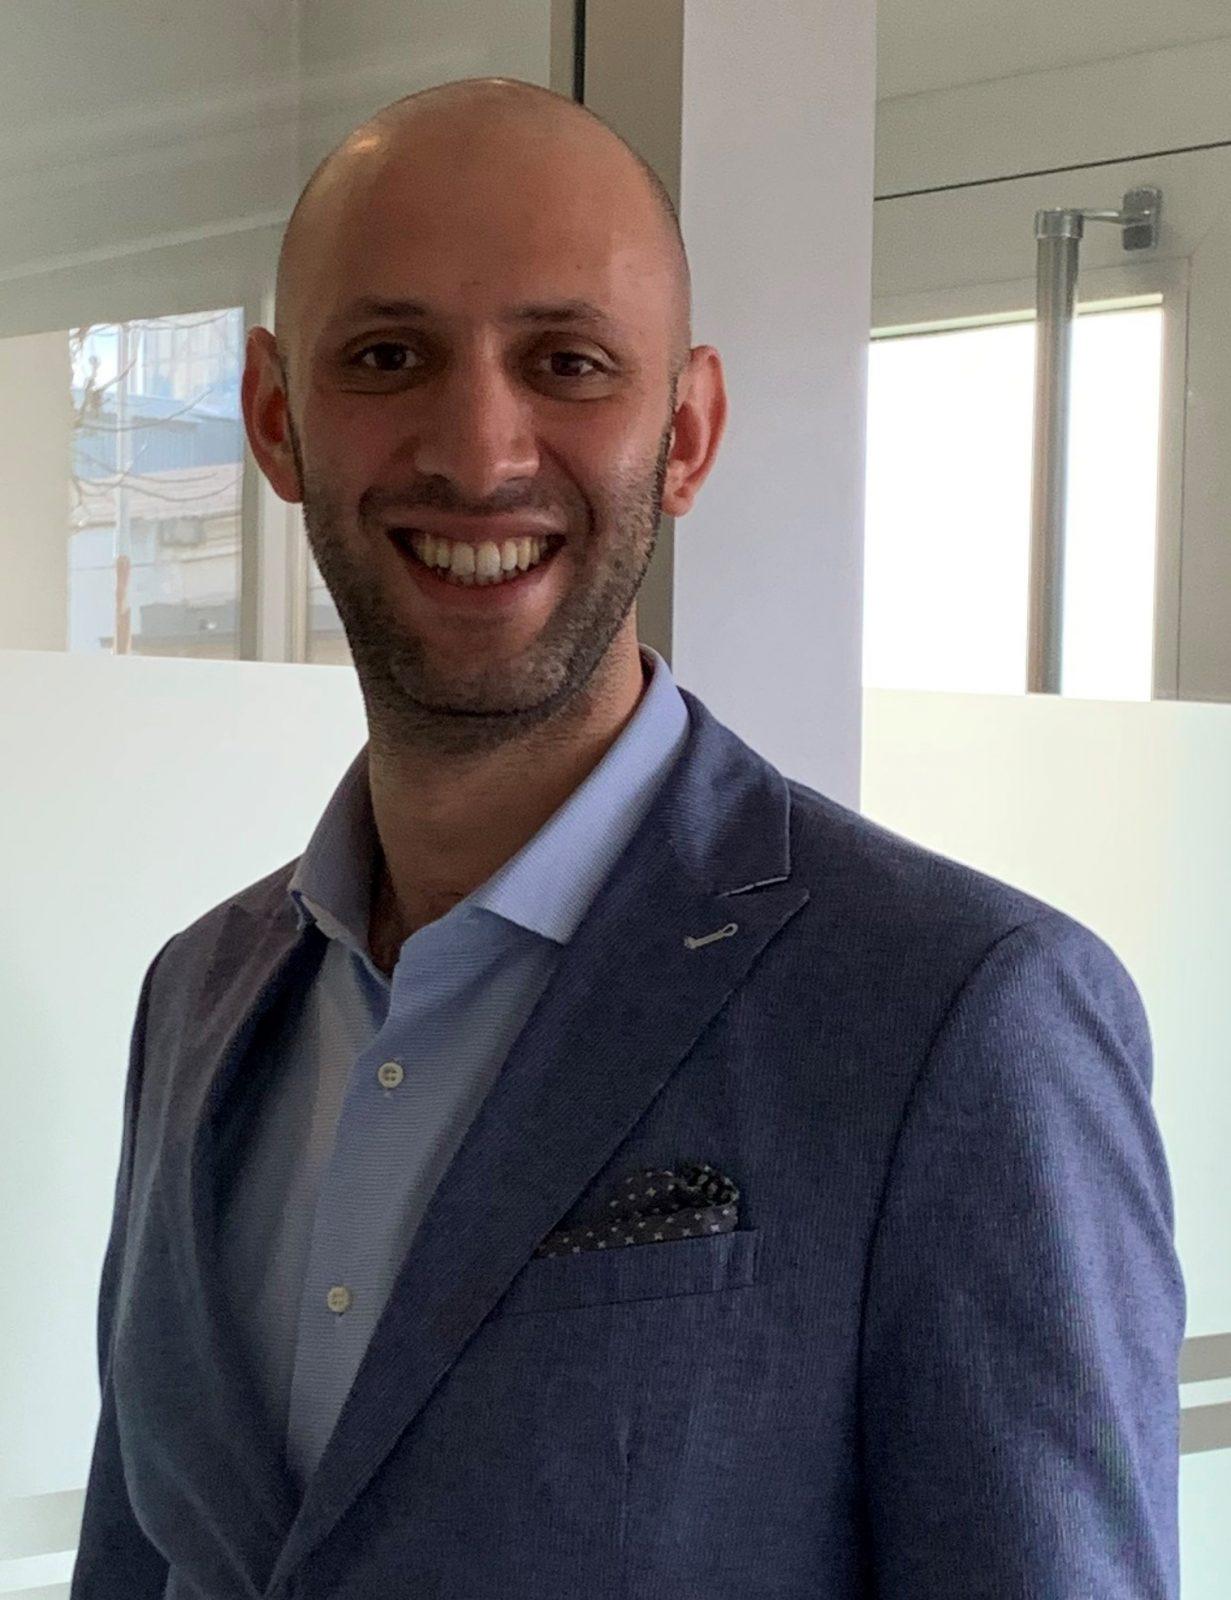 Marcello Cazzaniga